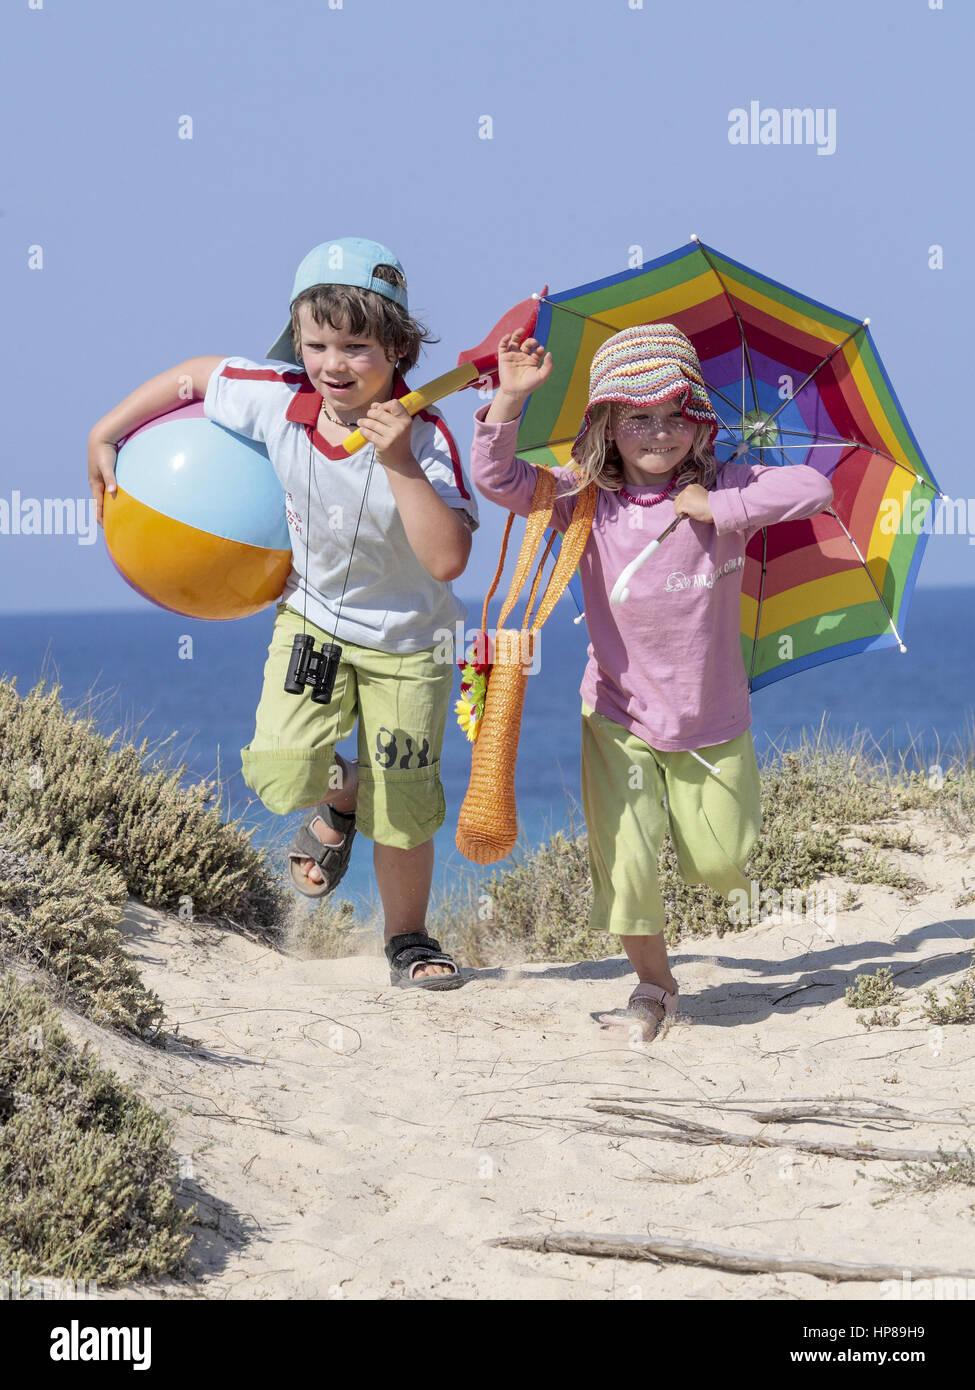 Zwei Kinder laufen am Meer ueber Duenen (model-released) - Stock Image